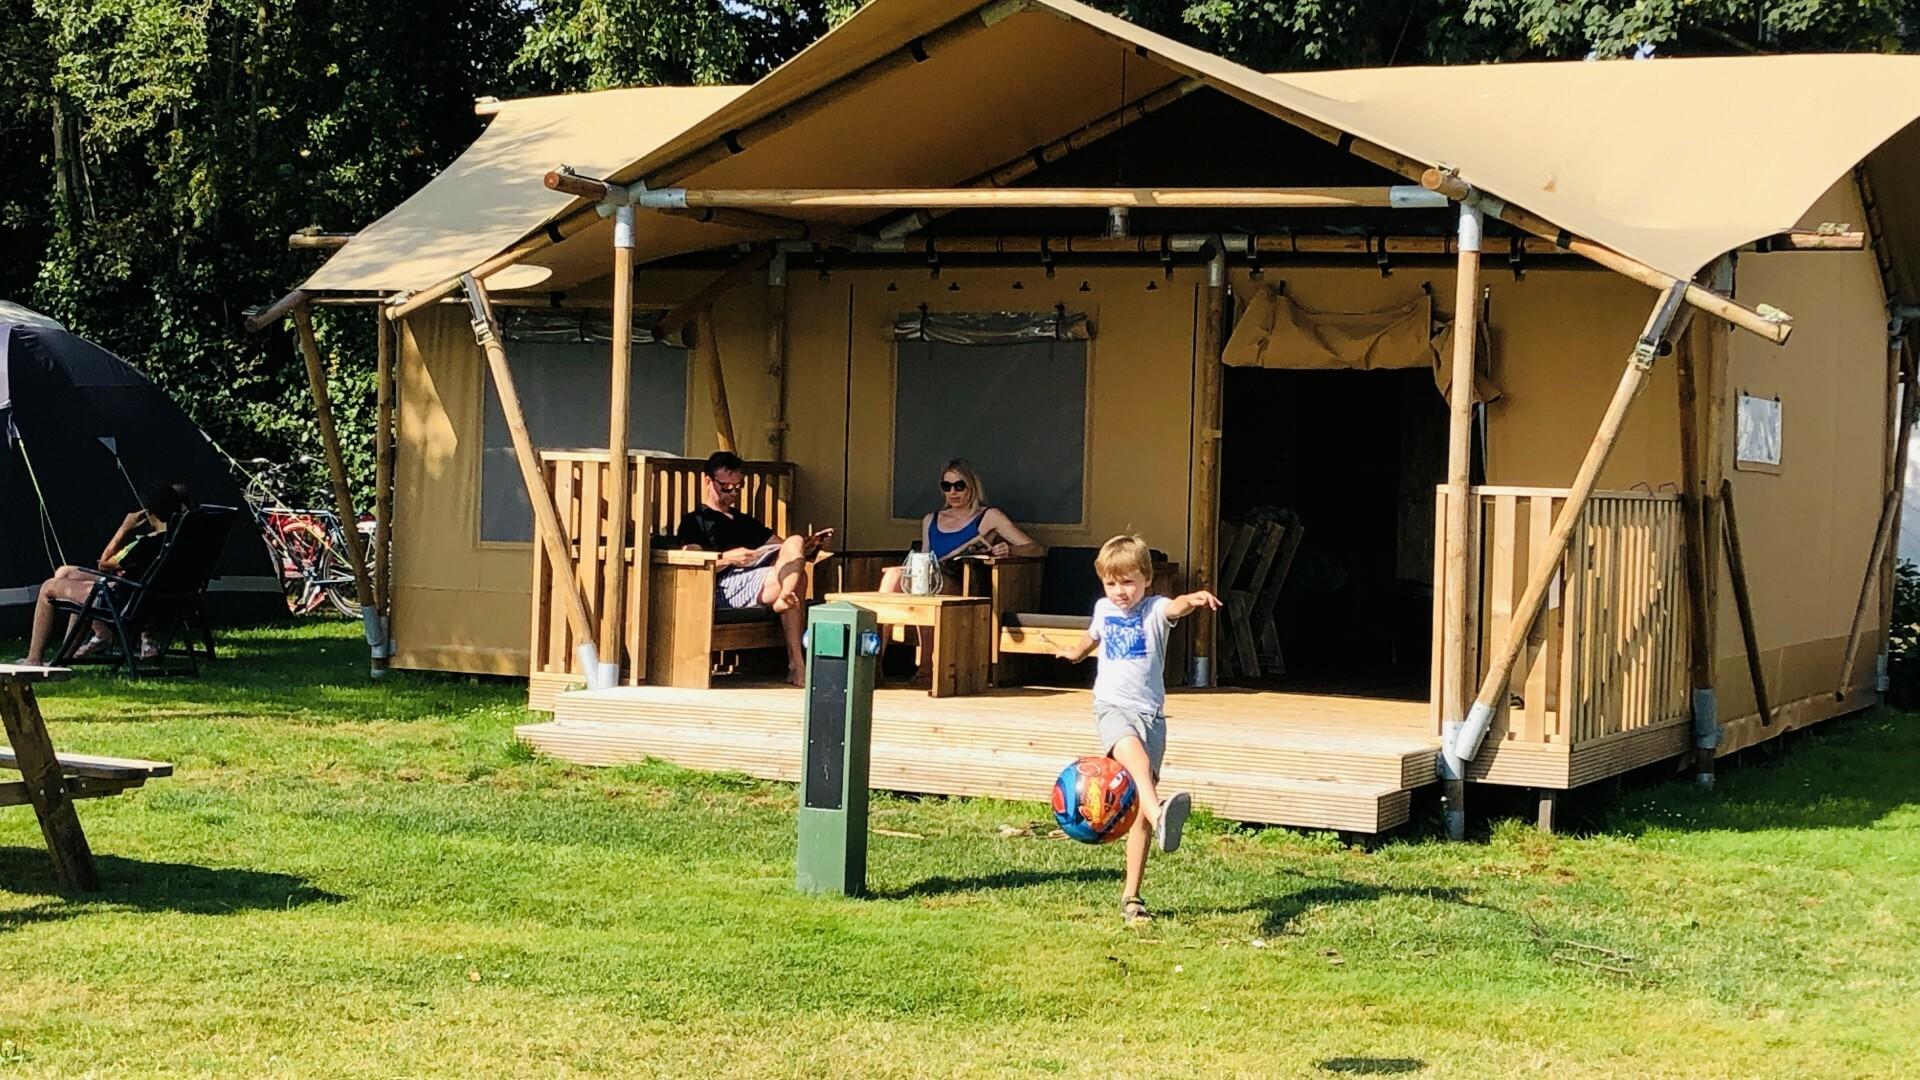 Familie bij ingerichten lodge op camping Coogherveld VVV Texel